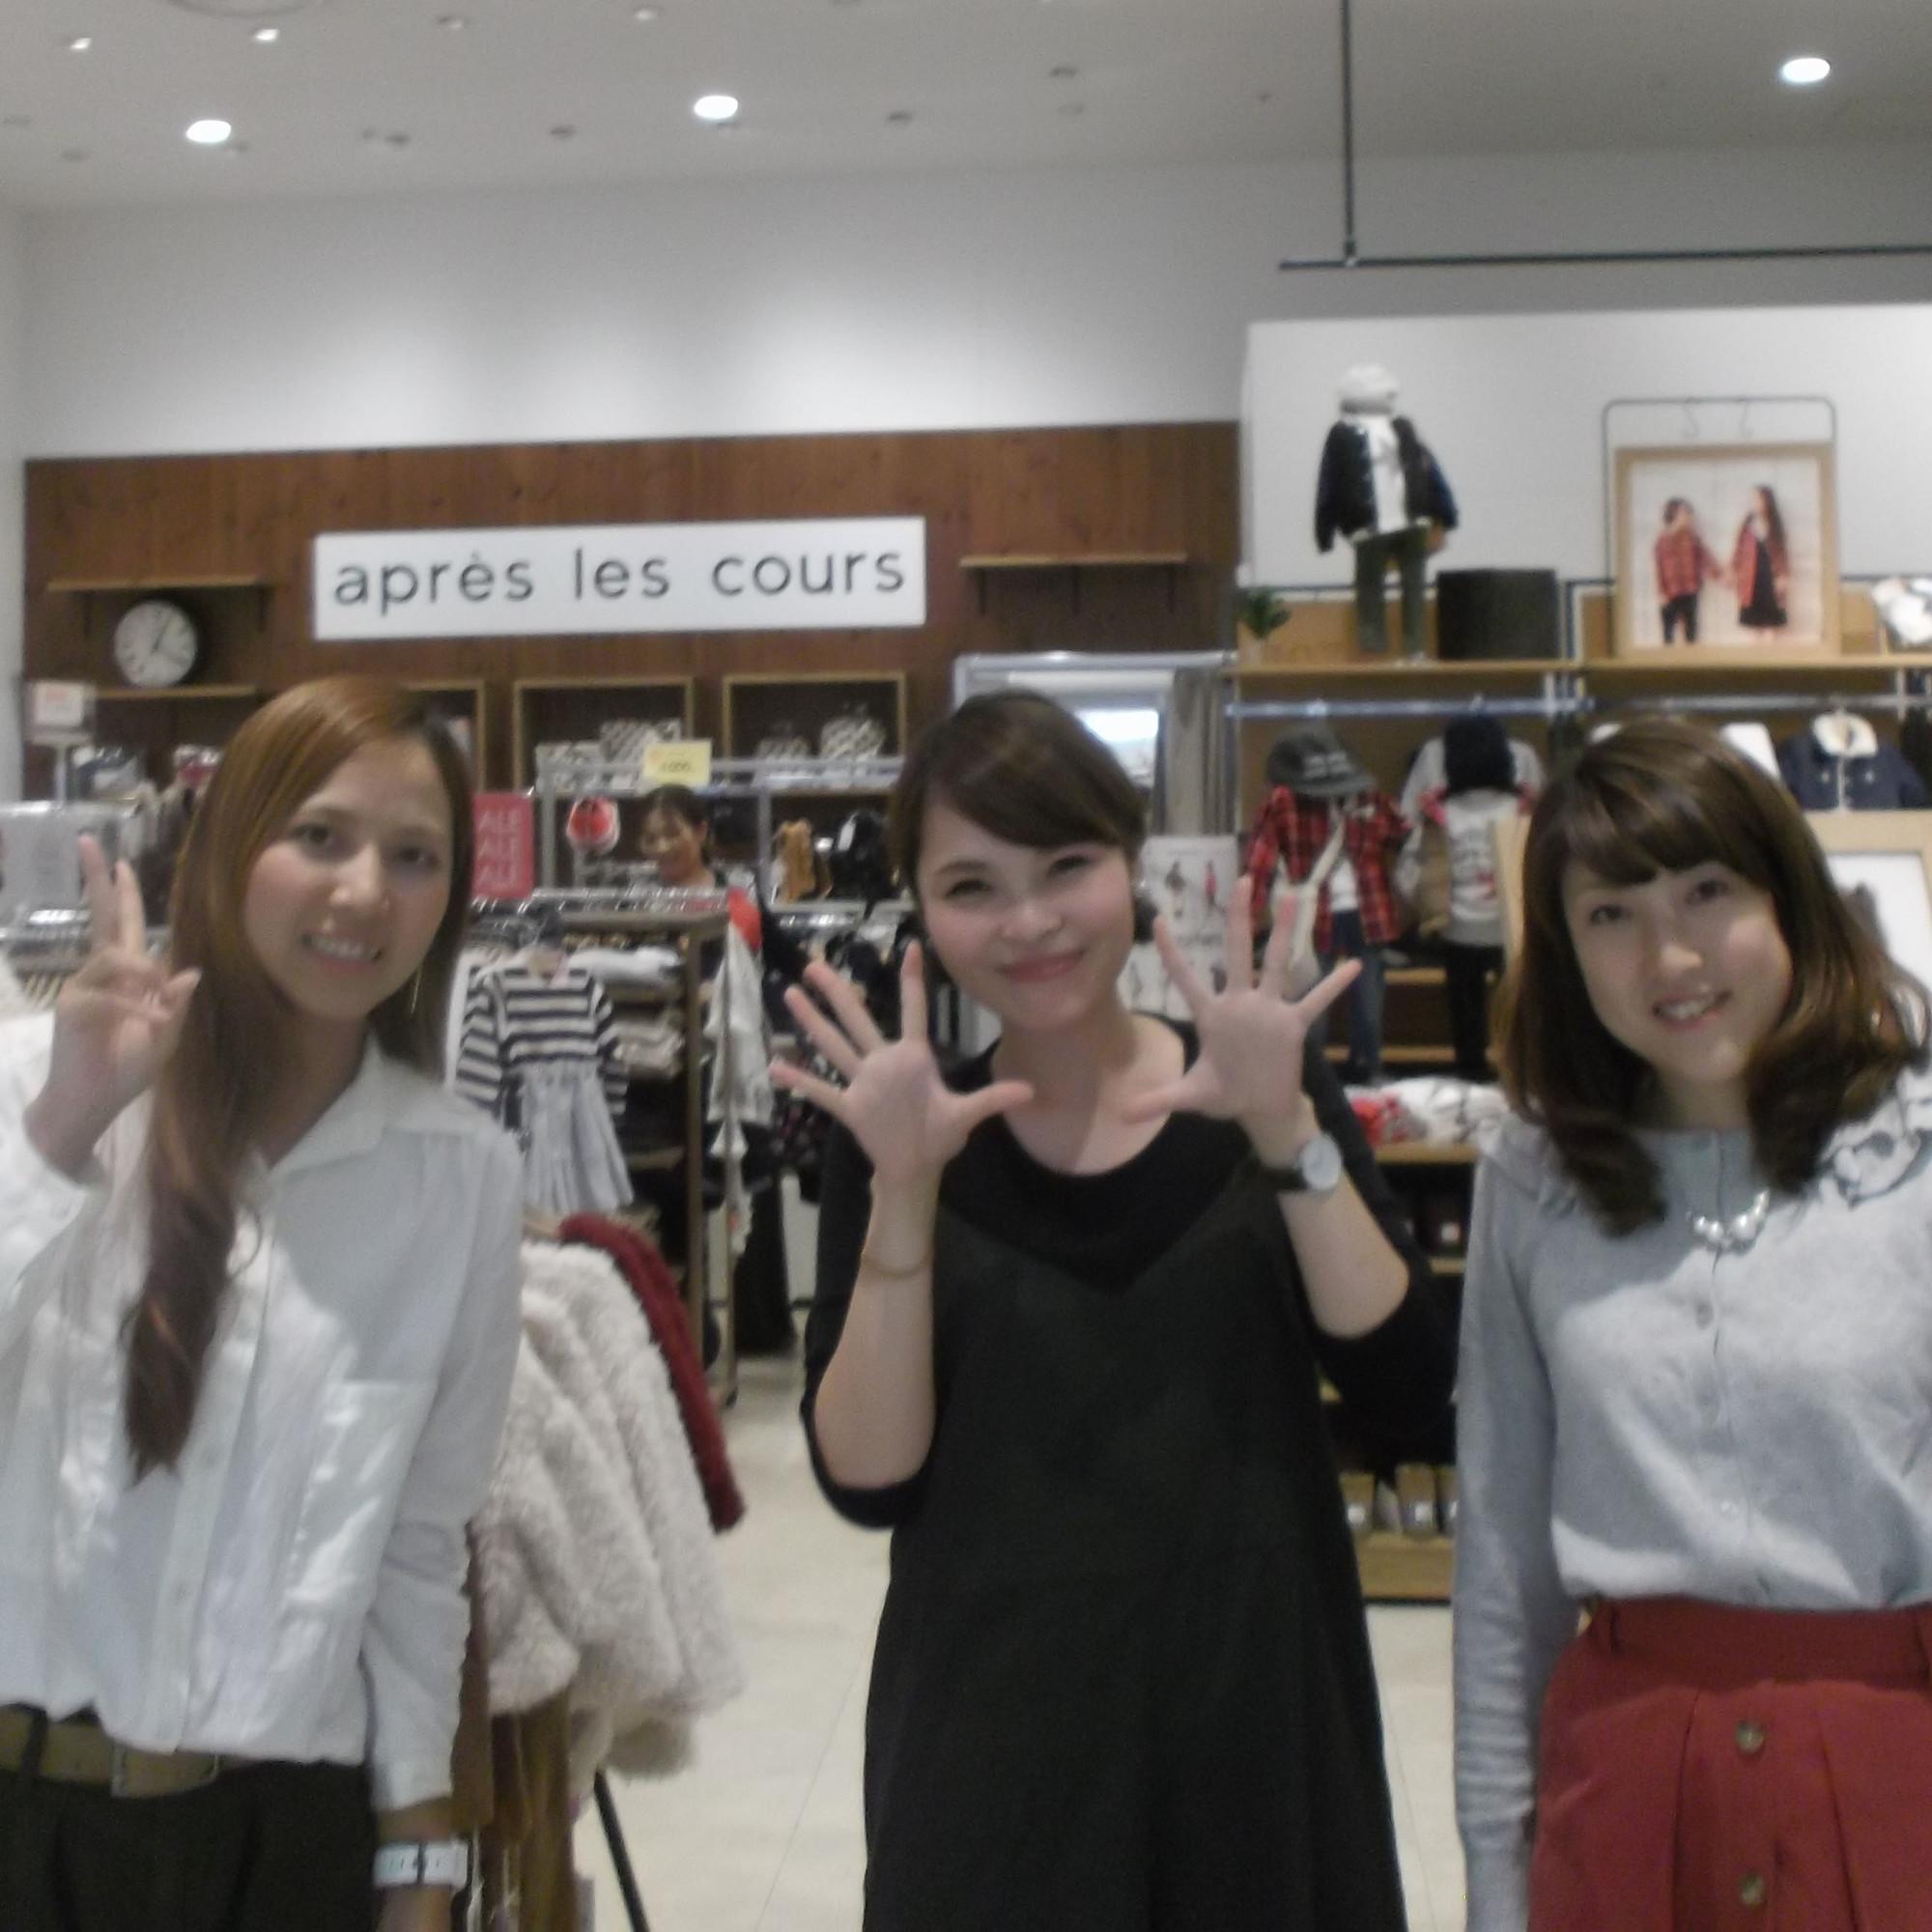 apres les cours MARK IS 静岡店